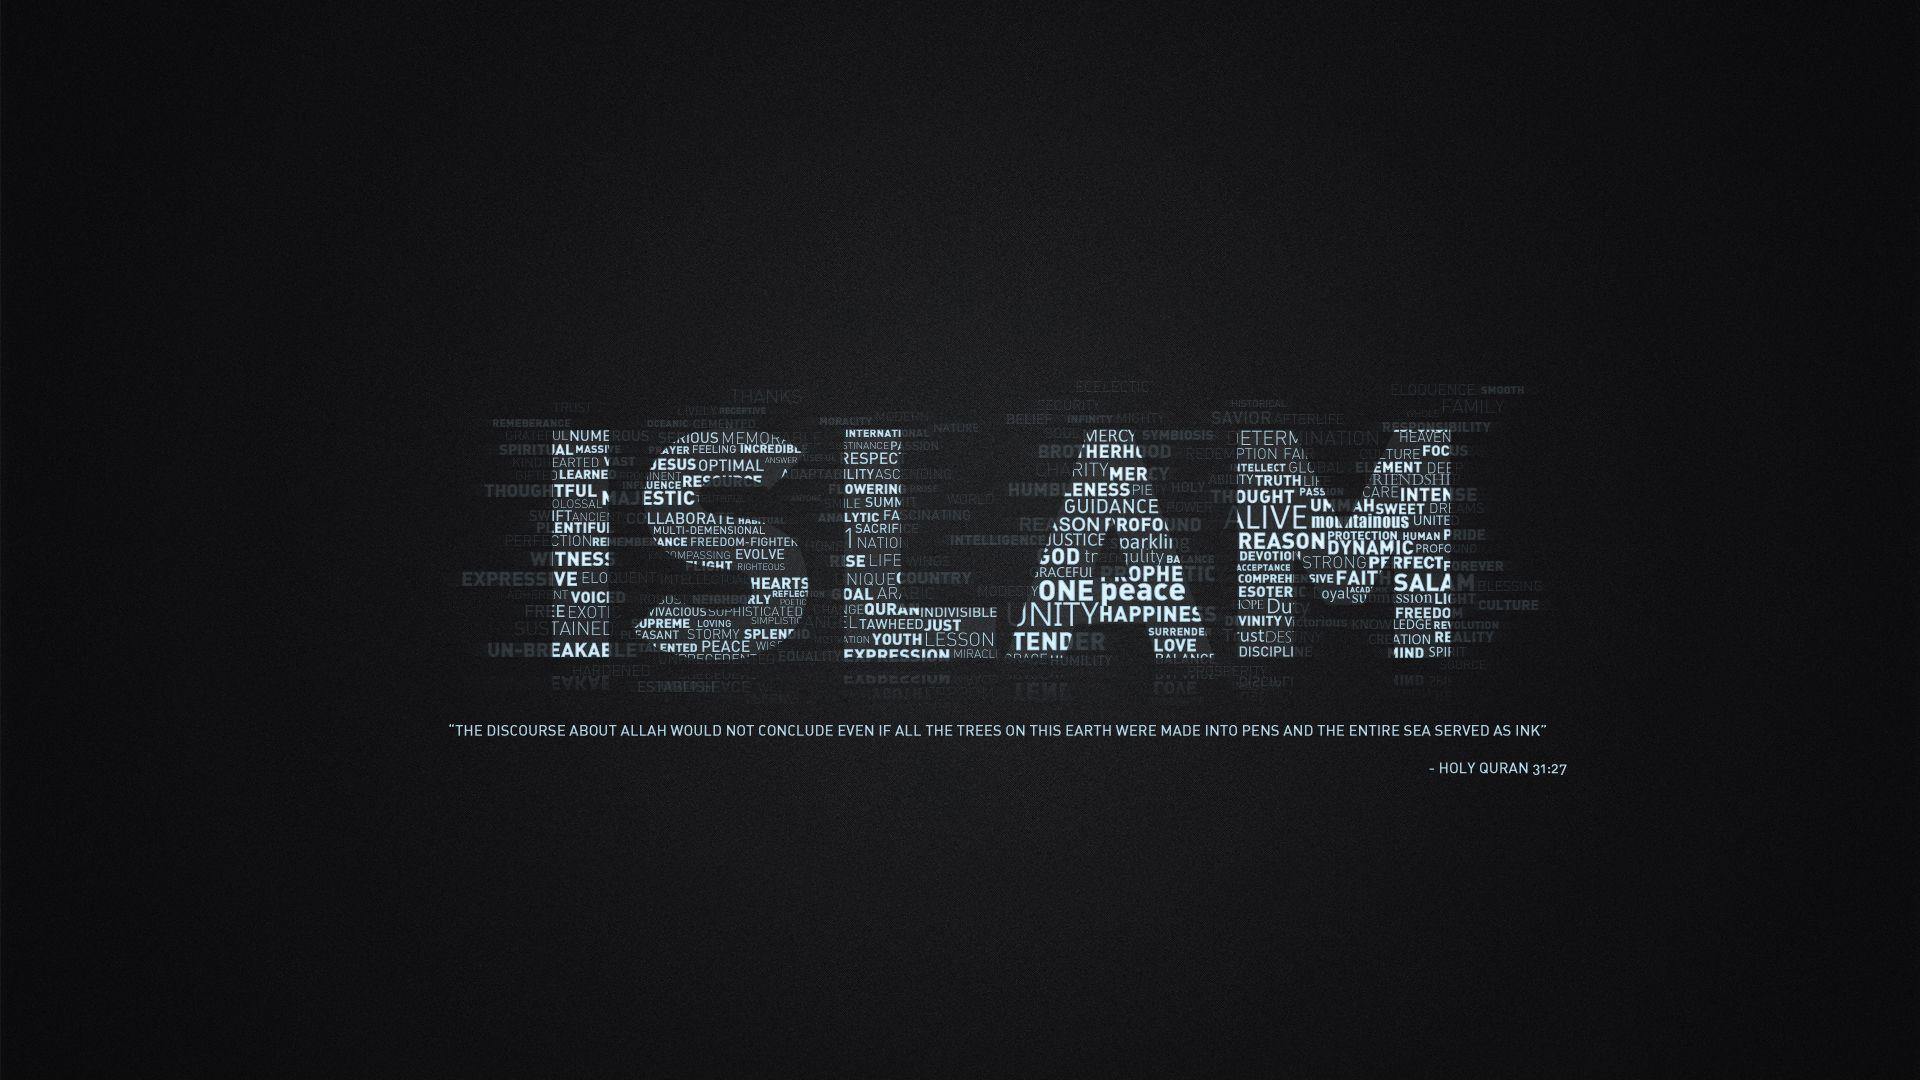 Quran Quotes Hd Wallpapers Nusagates